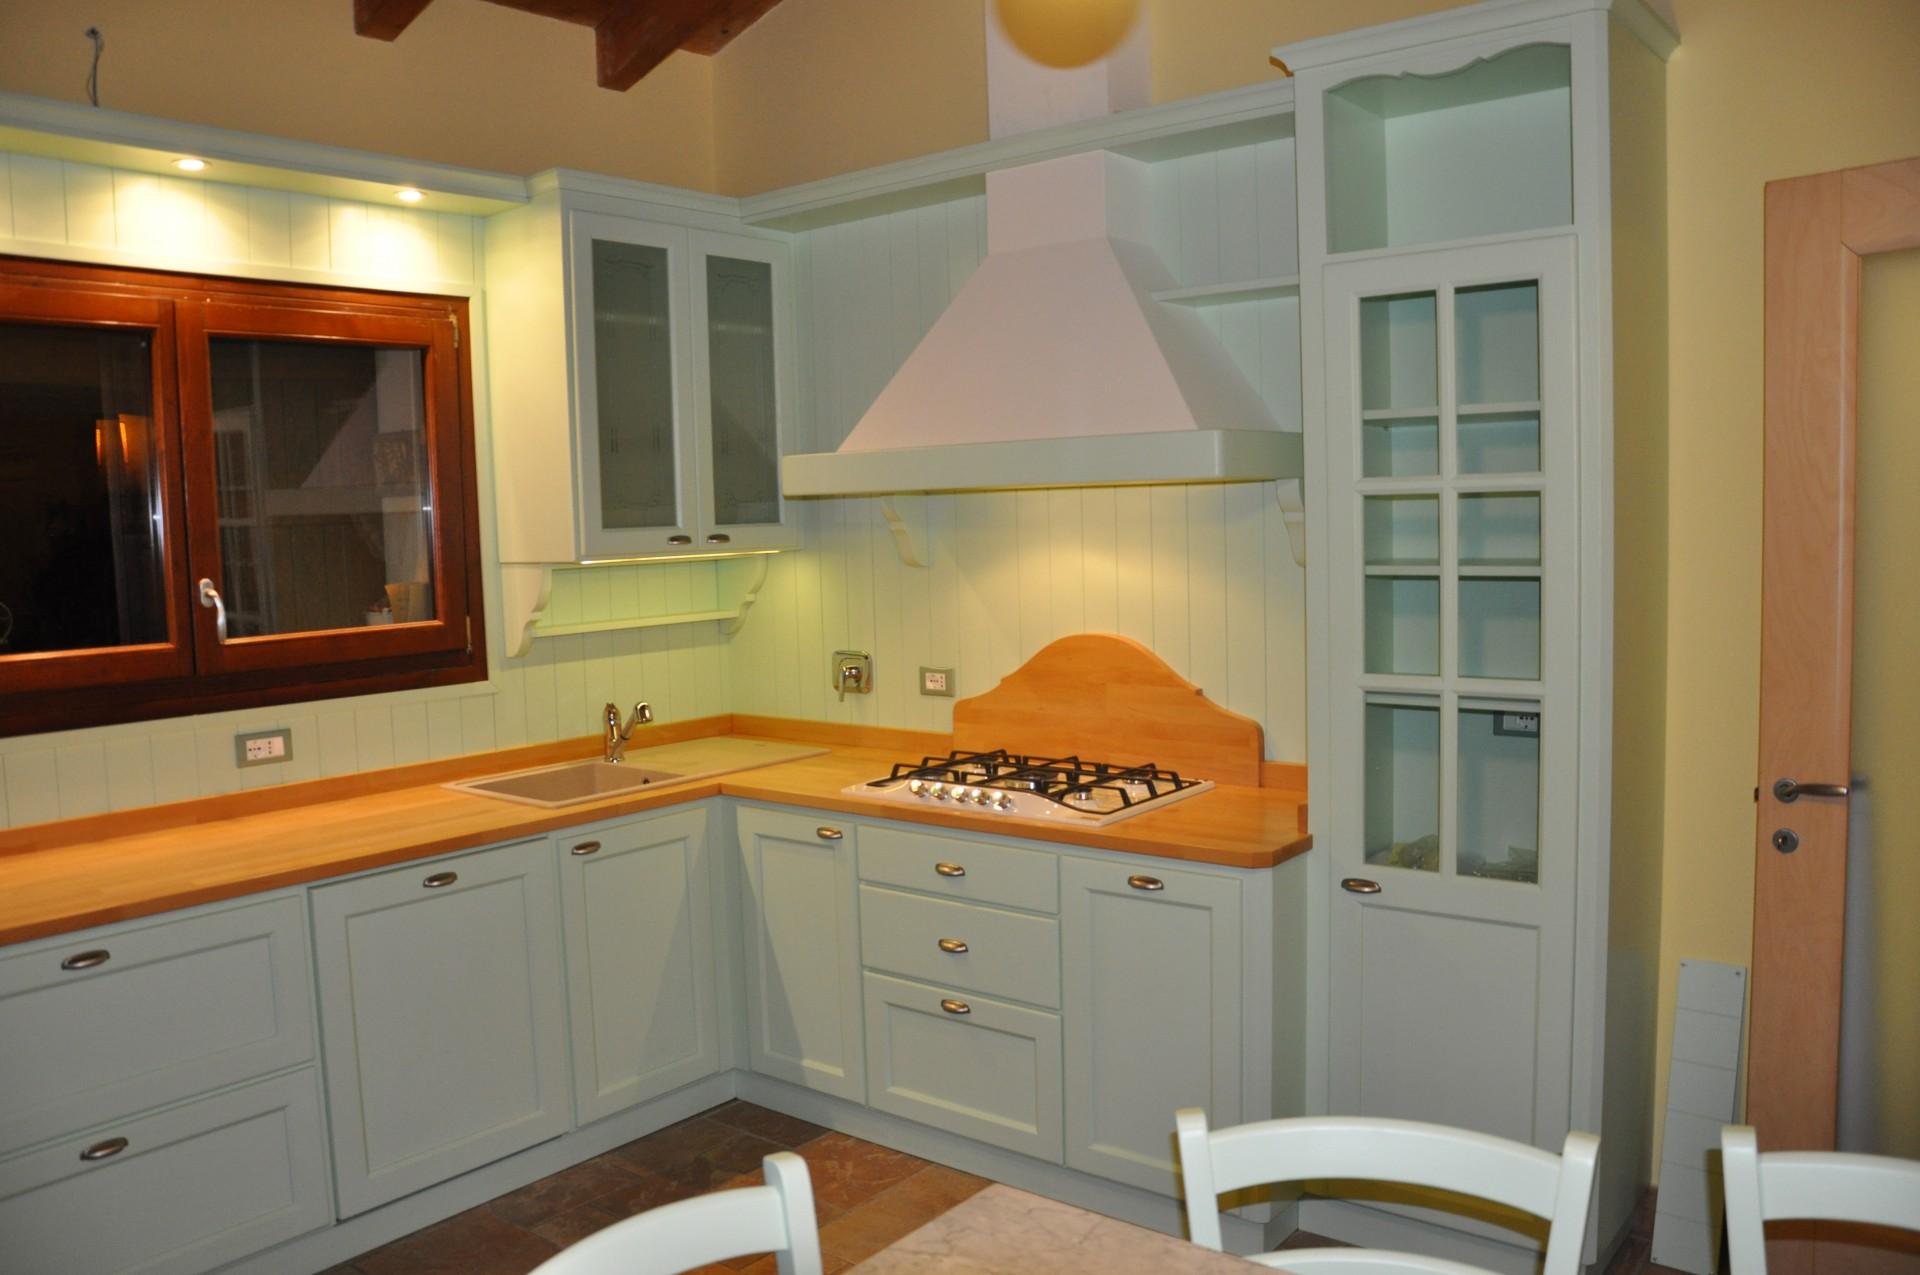 Cucina artigianale color verde. | Fadini Mobili Cerea Verona